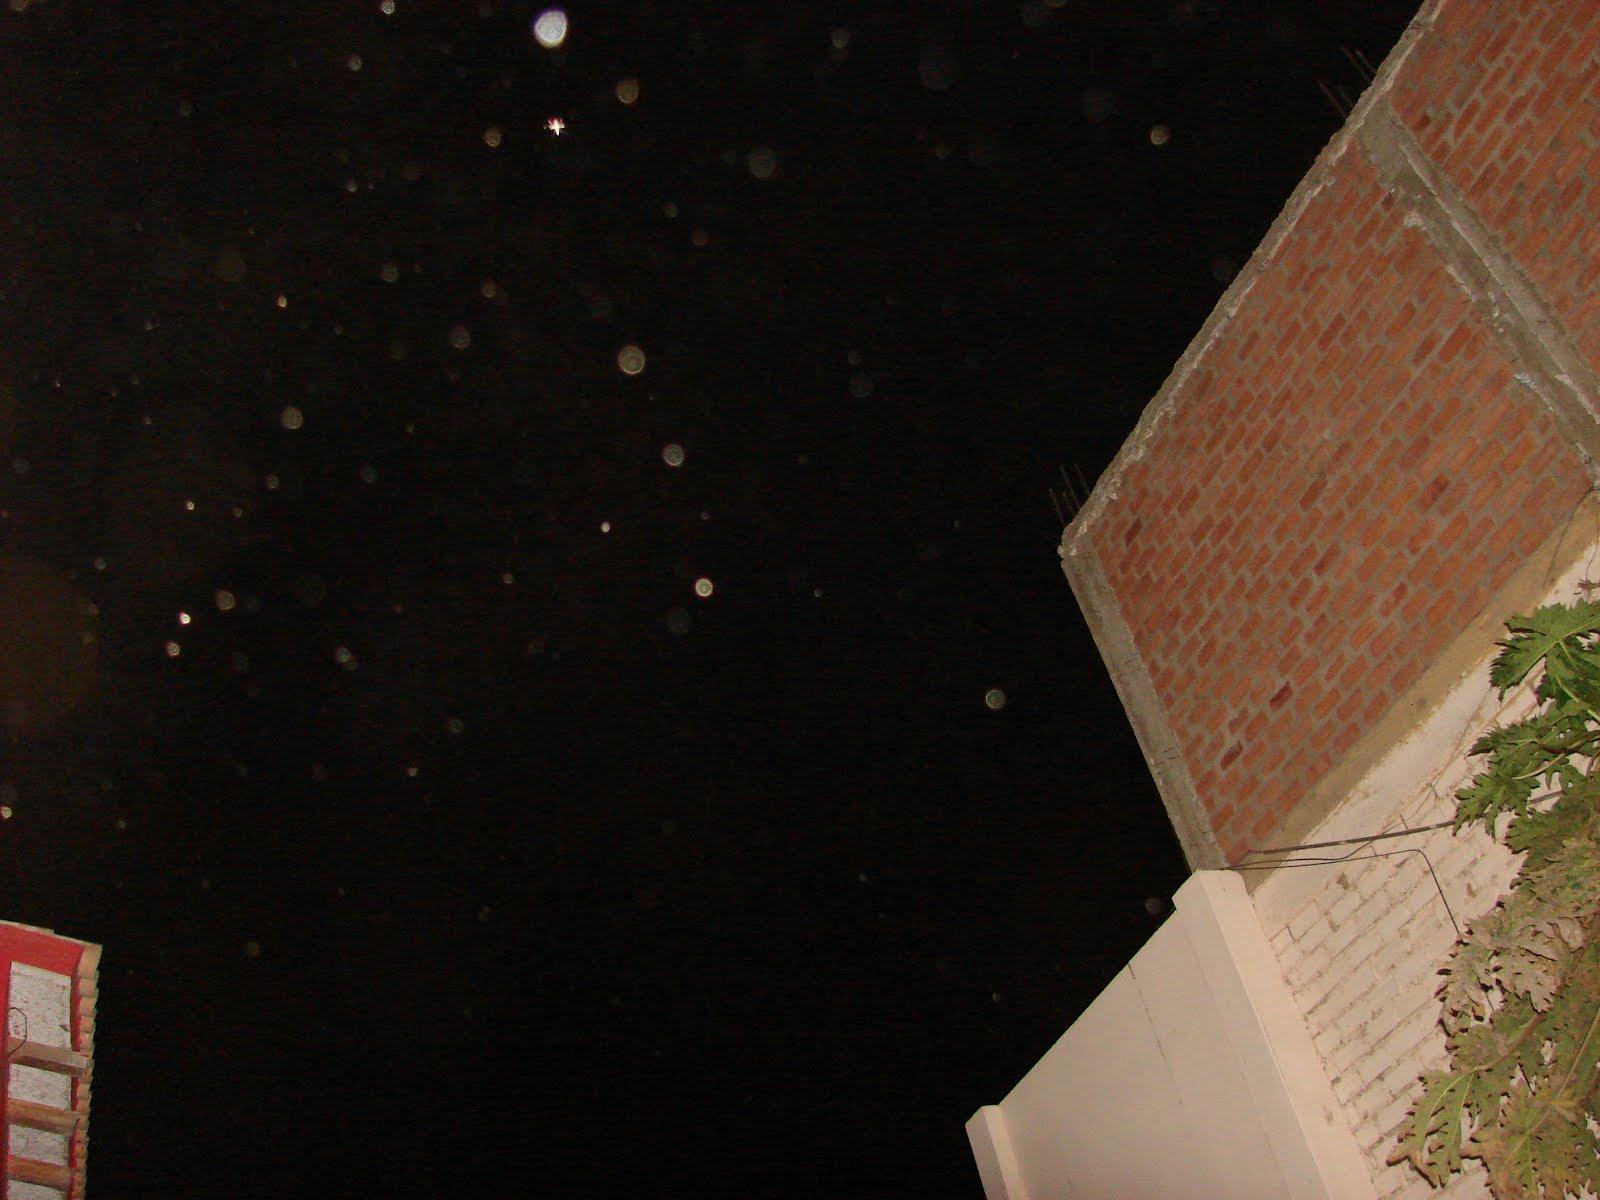 URGENTE-9-10-11-12-13-diciembre-2012 Ultimos Avistamientos Ovni la CRUZ en la X mensaje,UFO.AMEN